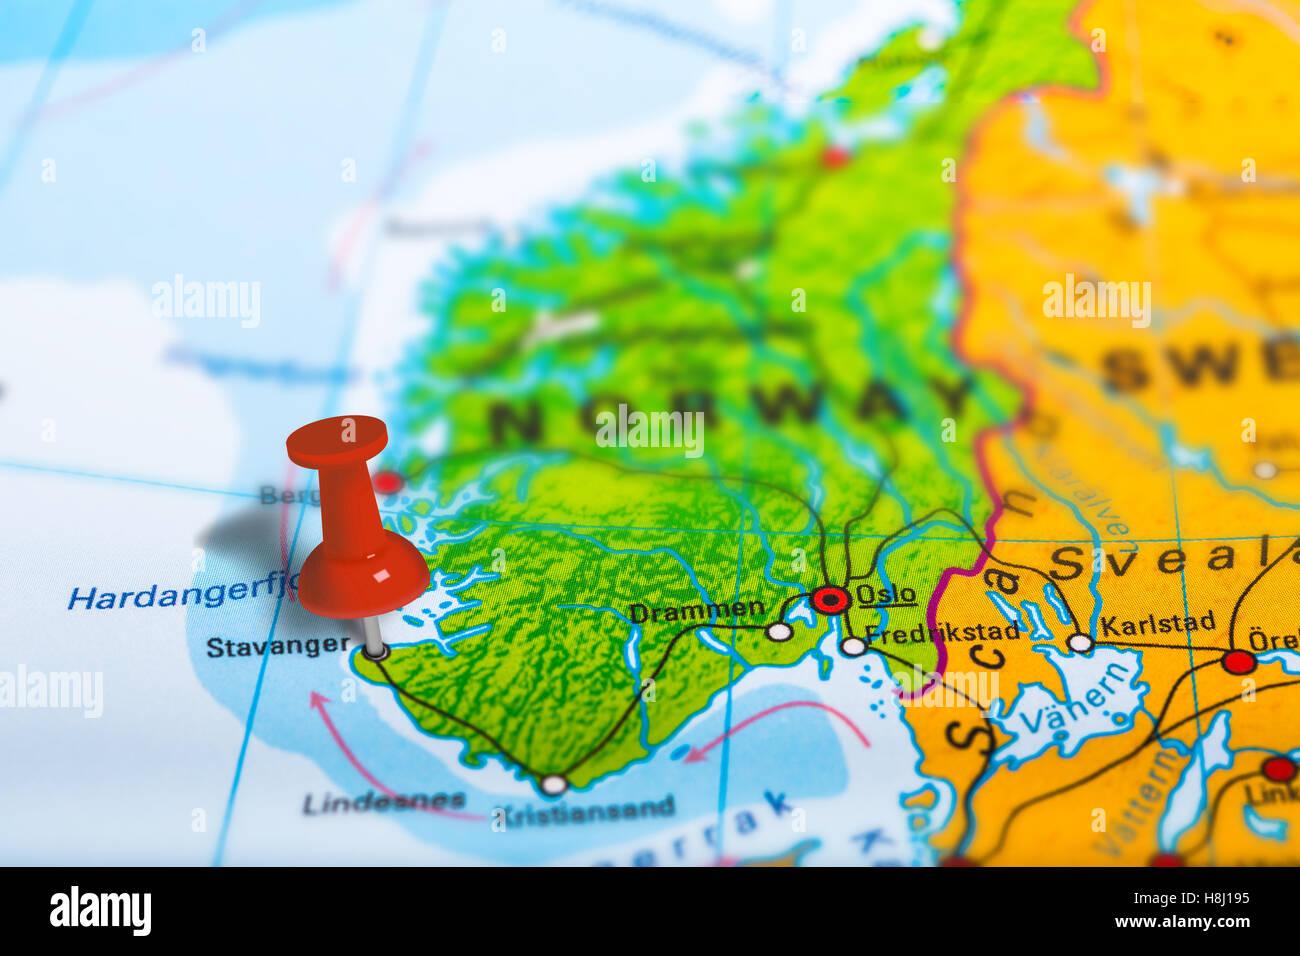 Karte Norwegen.Stavanger Norwegen Karte Stockfoto Bild 125786001 Alamy